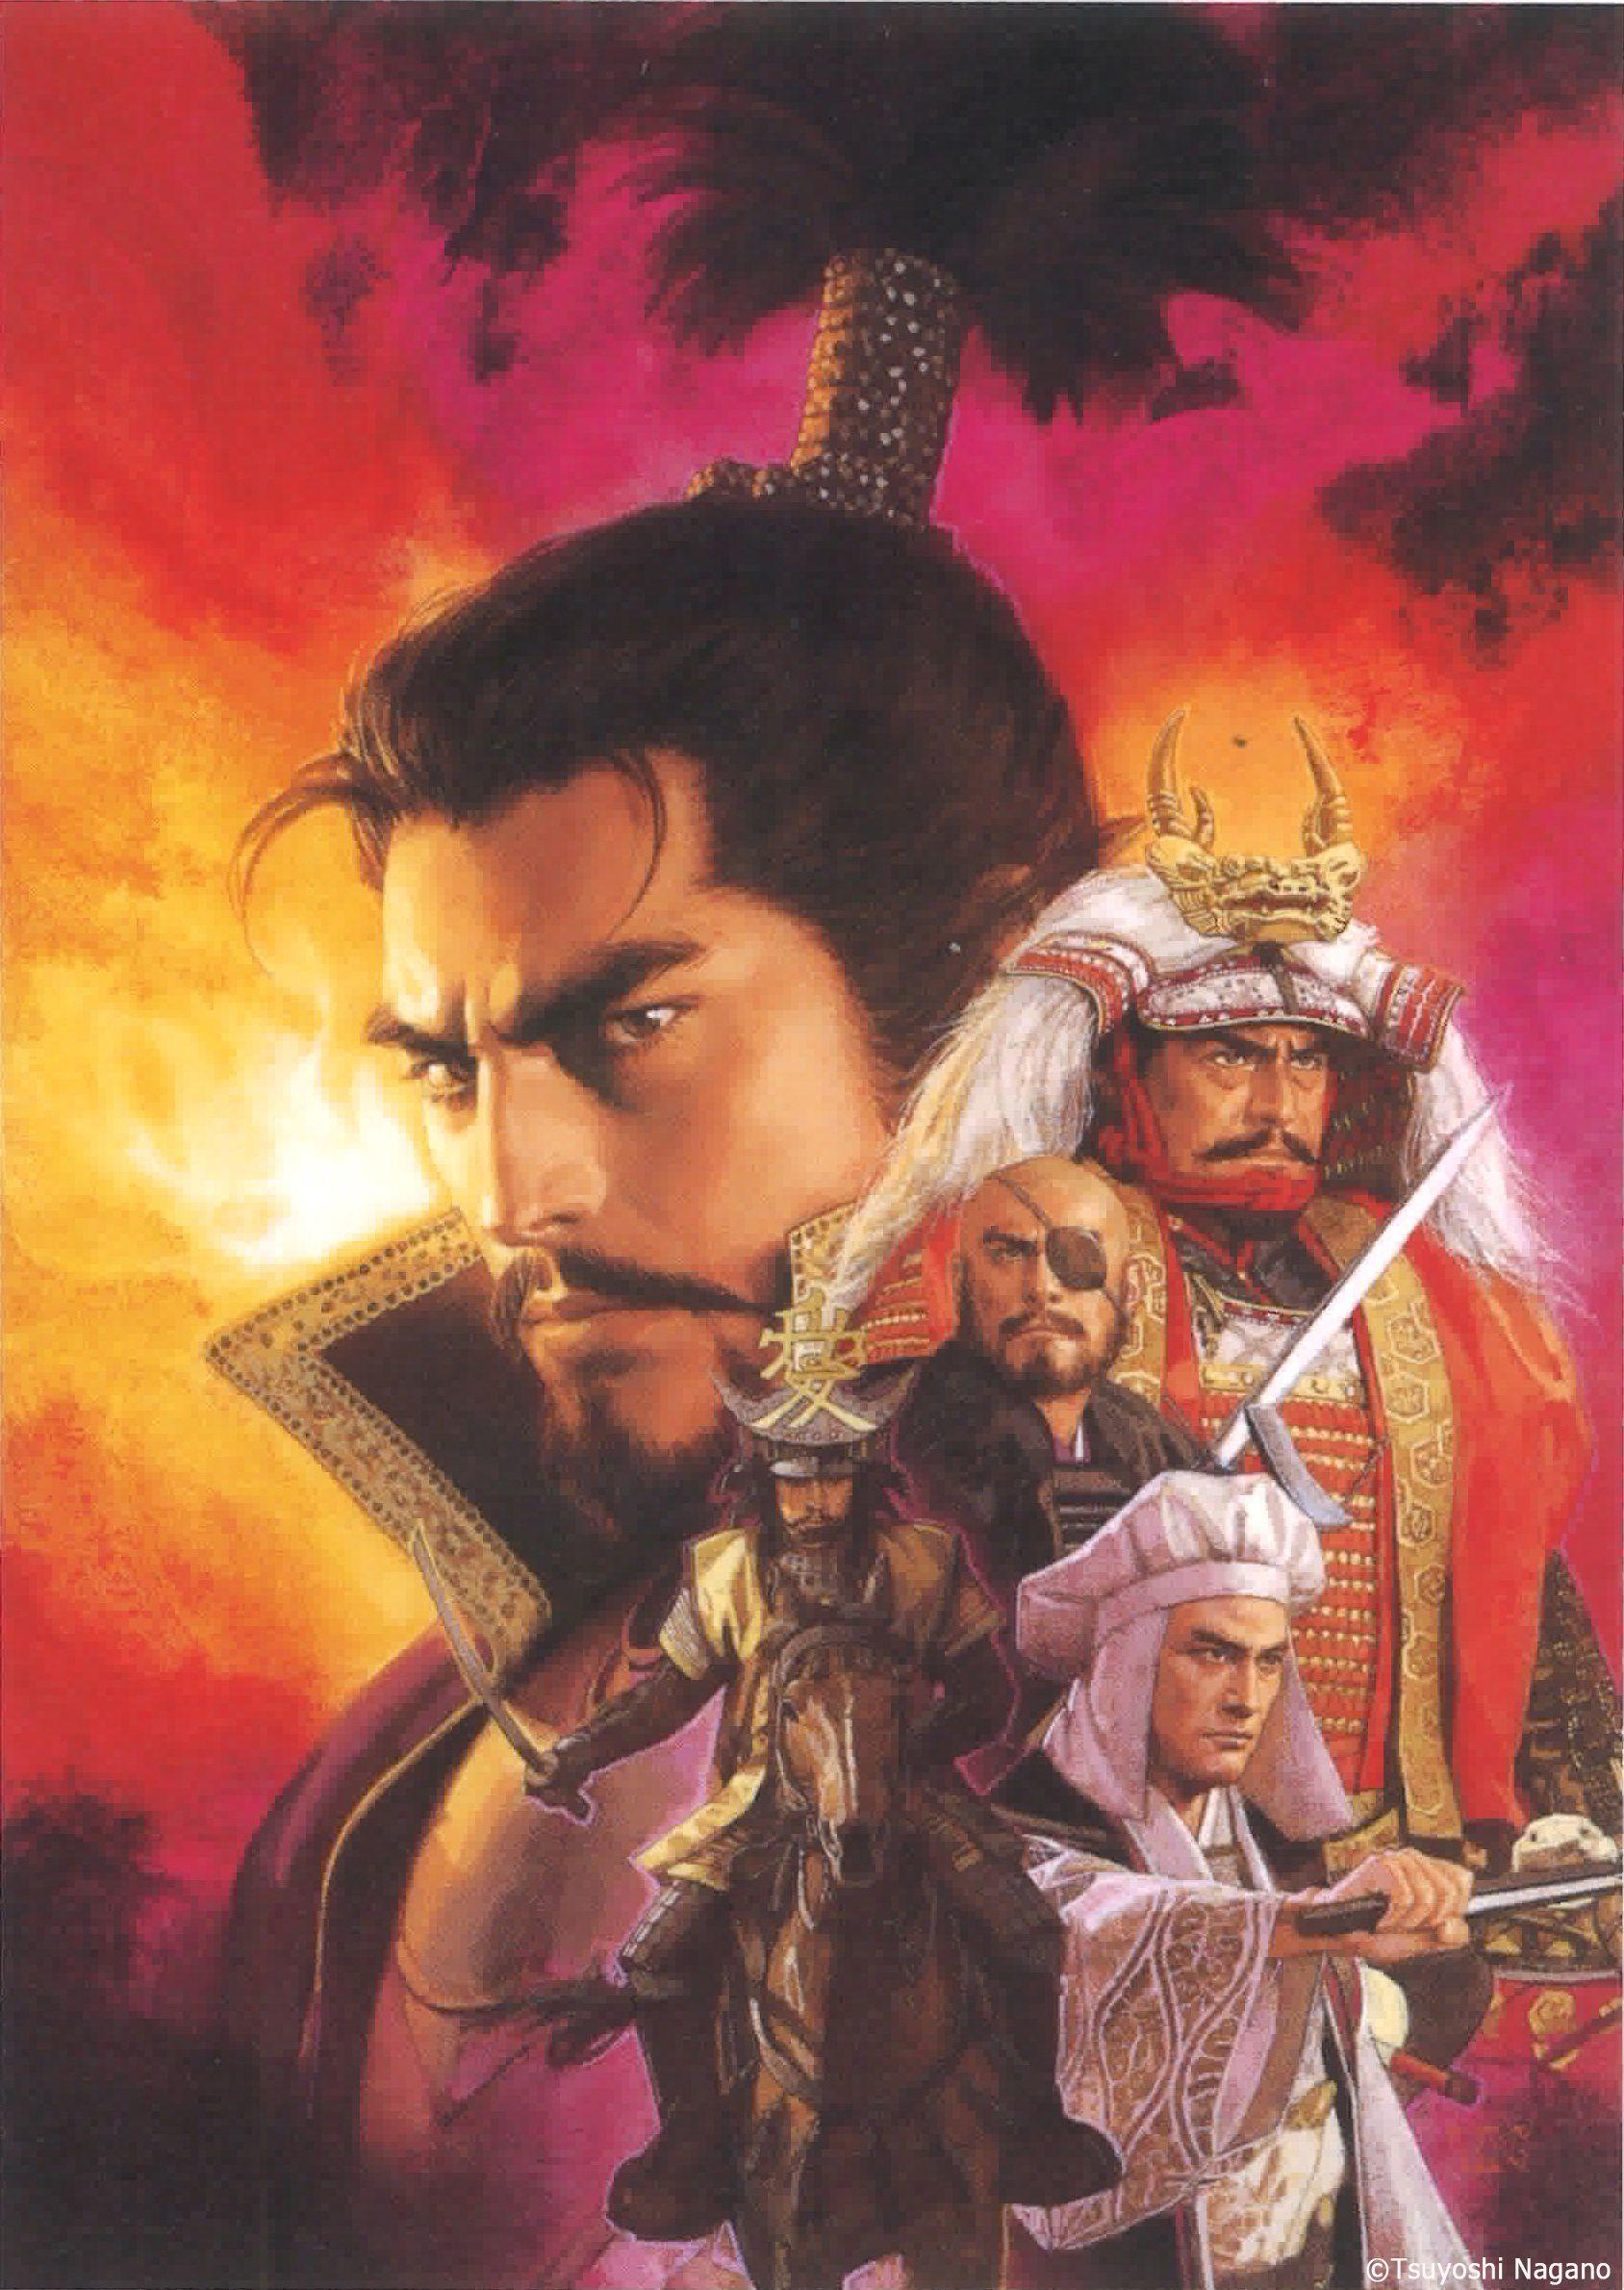 「戦国の武・戦国の智」(C)Tsuyoshi Nagano